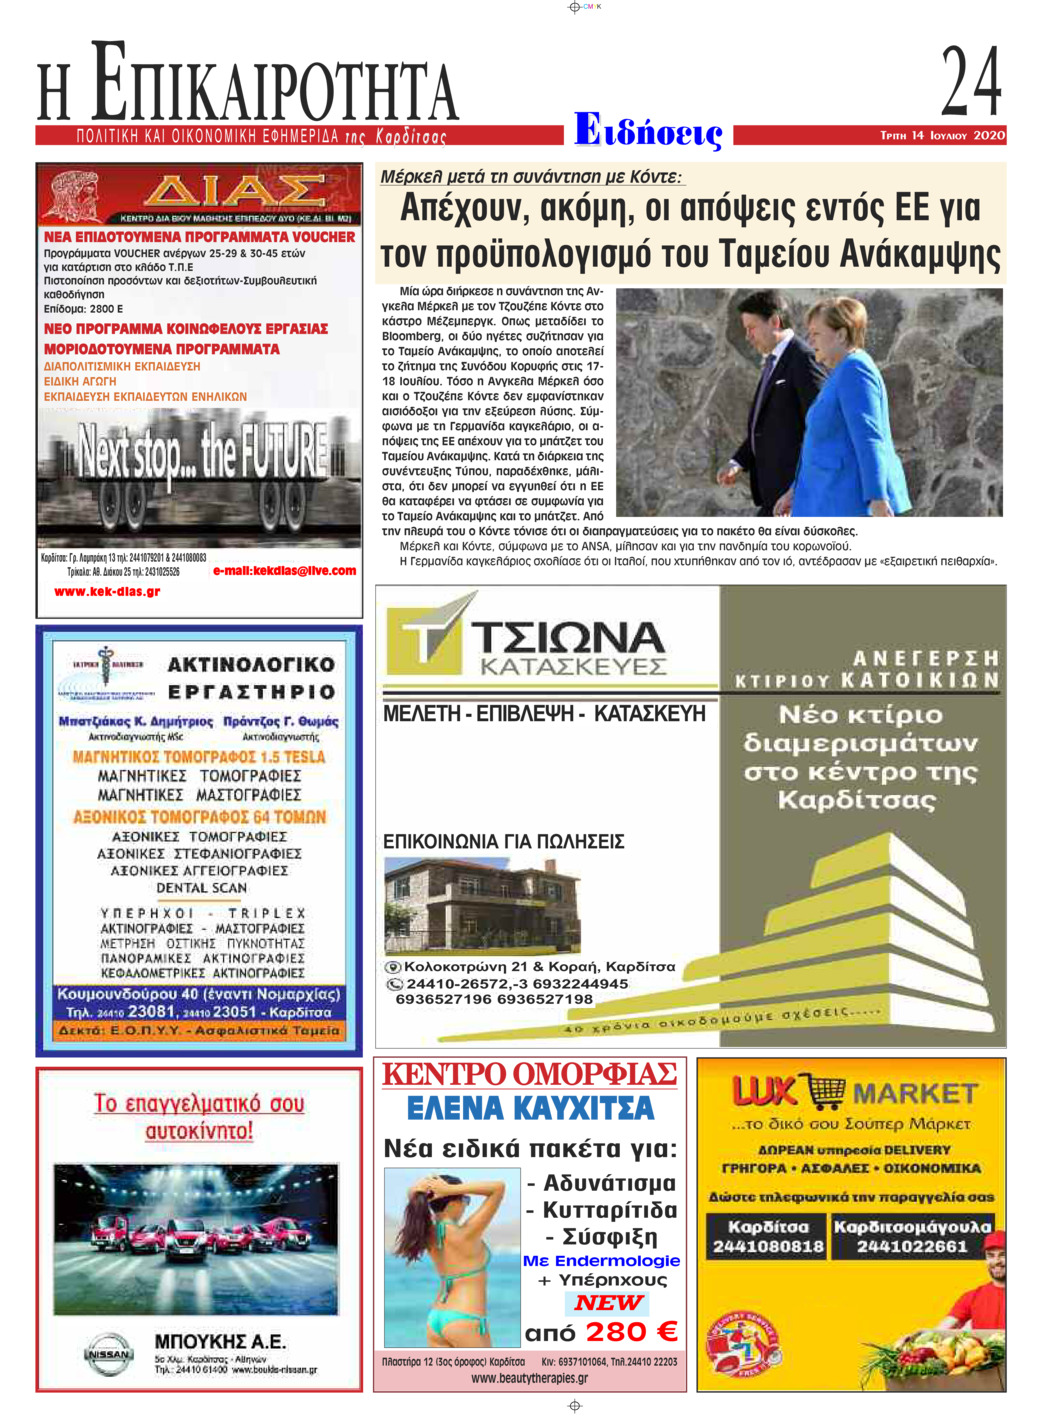 Οπισθόφυλλο εφημερίδας Επικαιρότητα